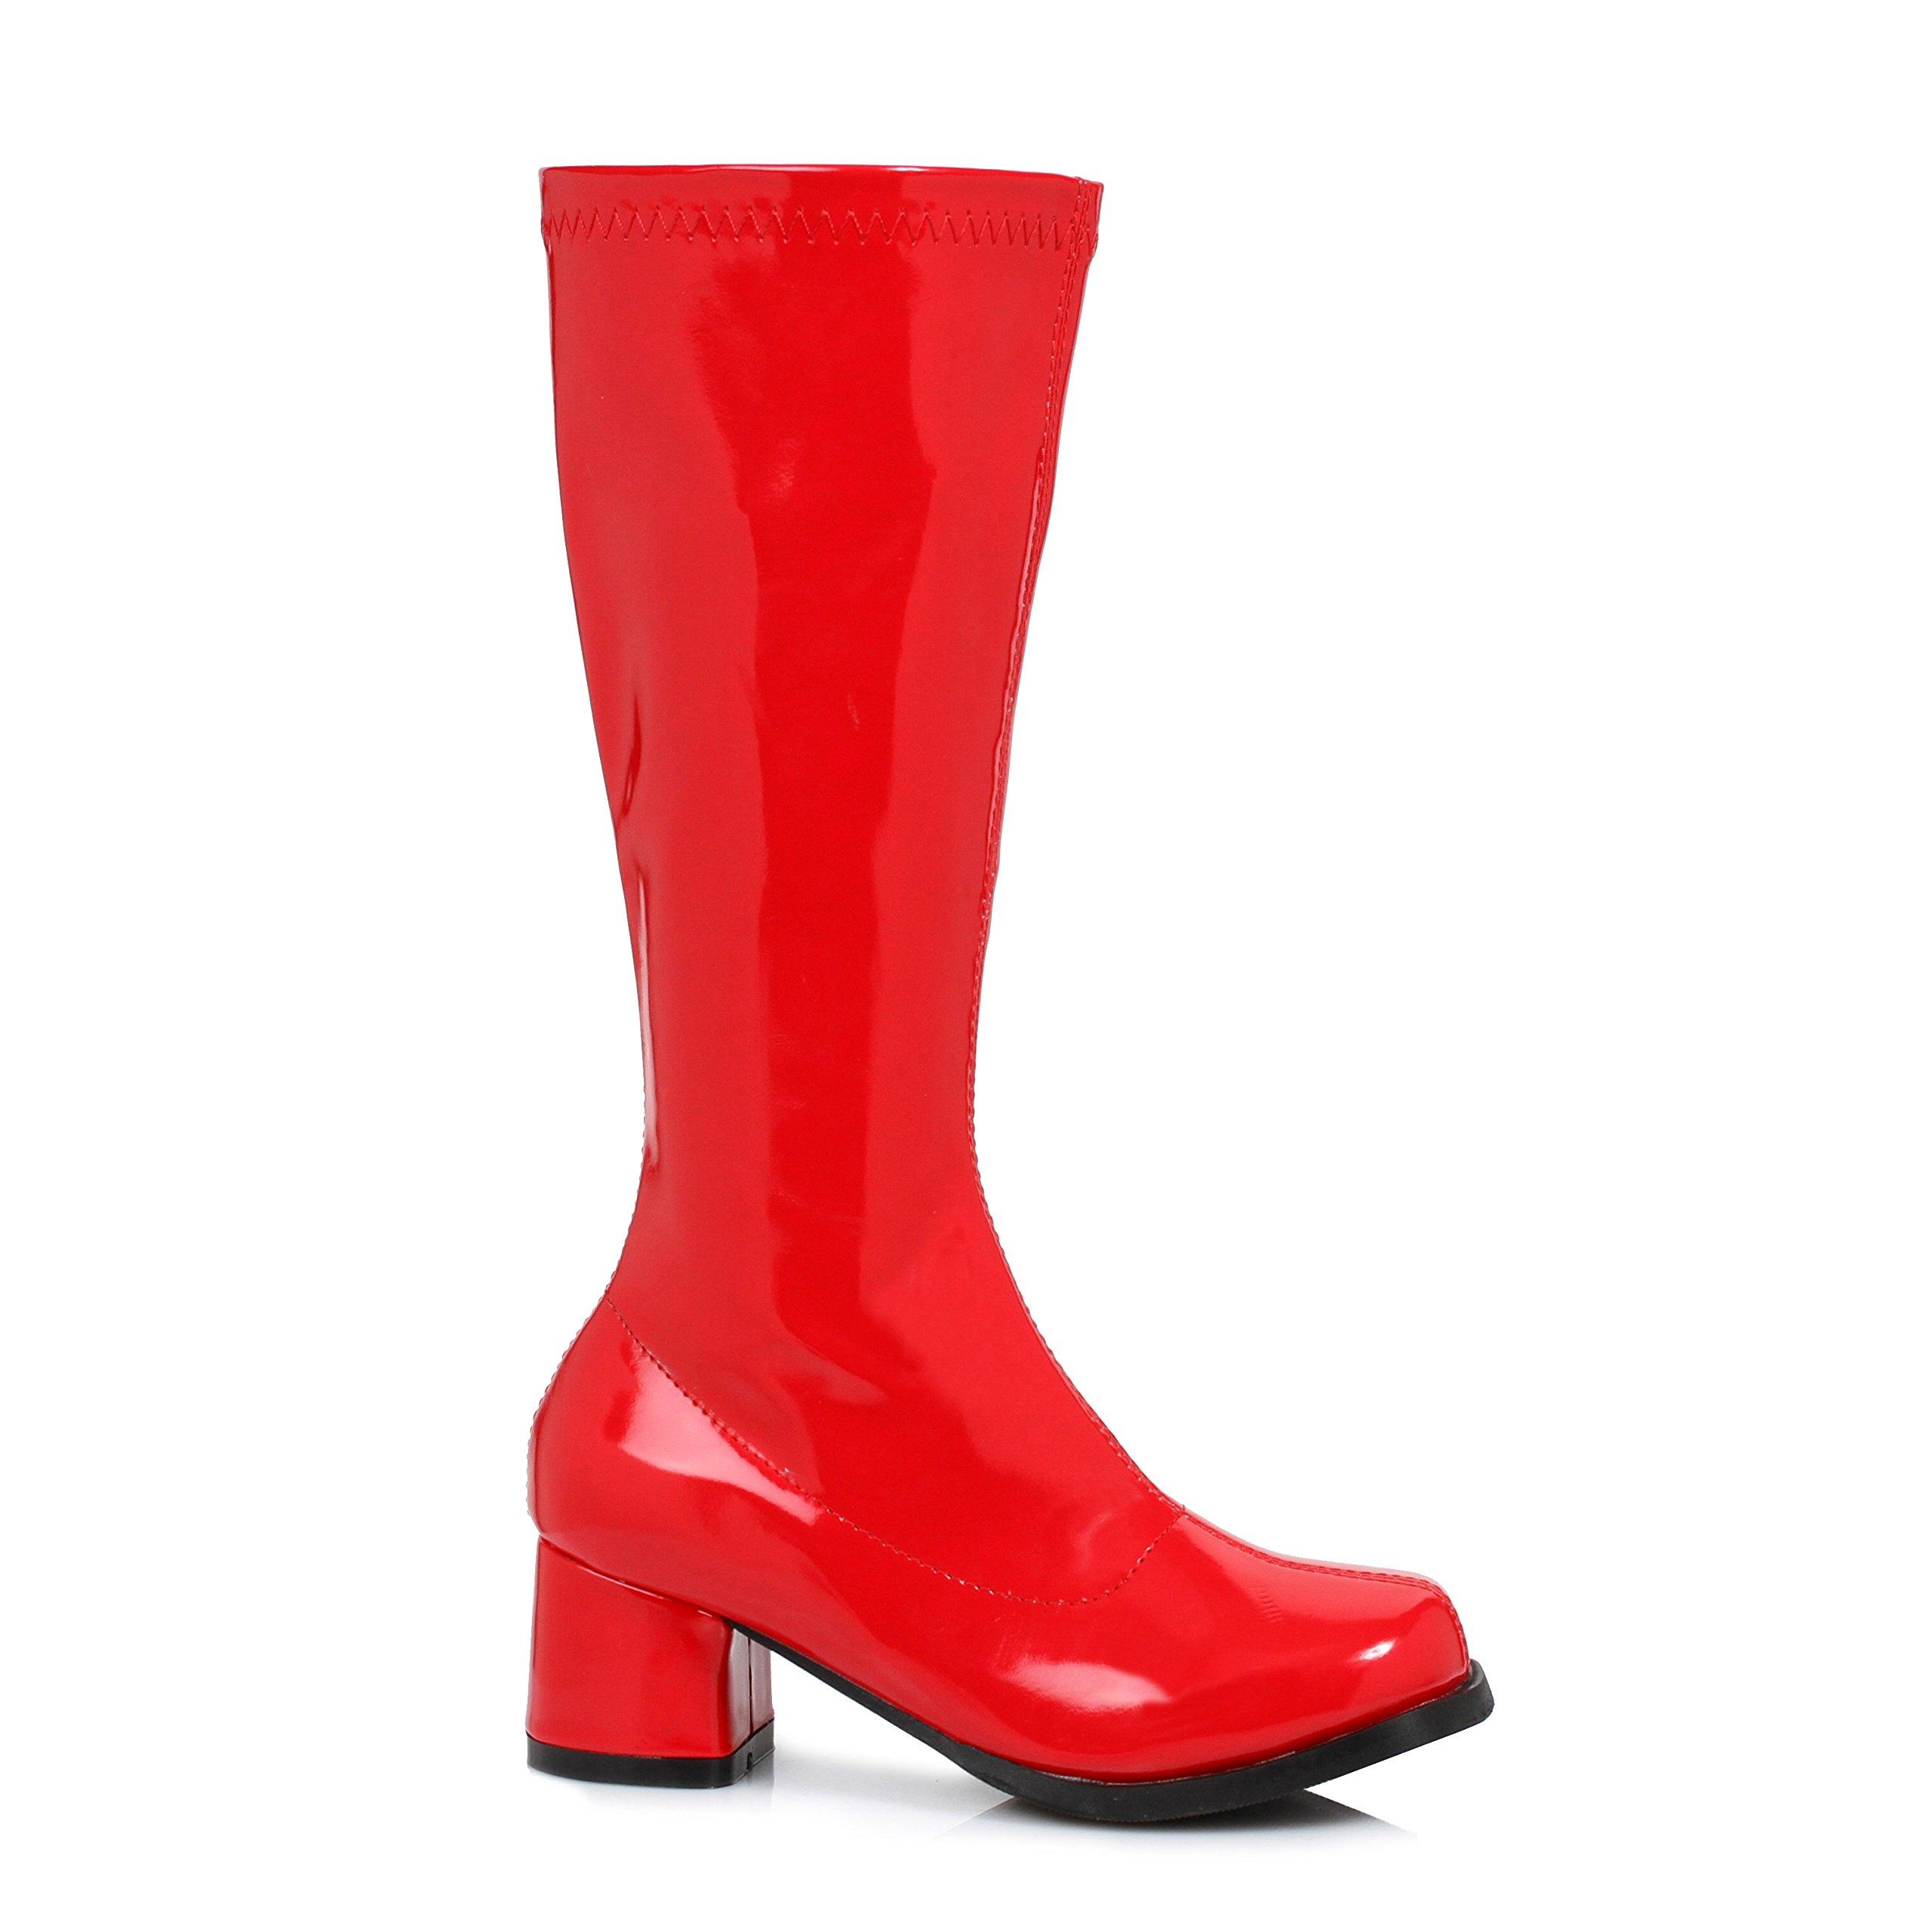 Ellie Shoes 1.75'' Heel Children's Gogo Boot. XL RED